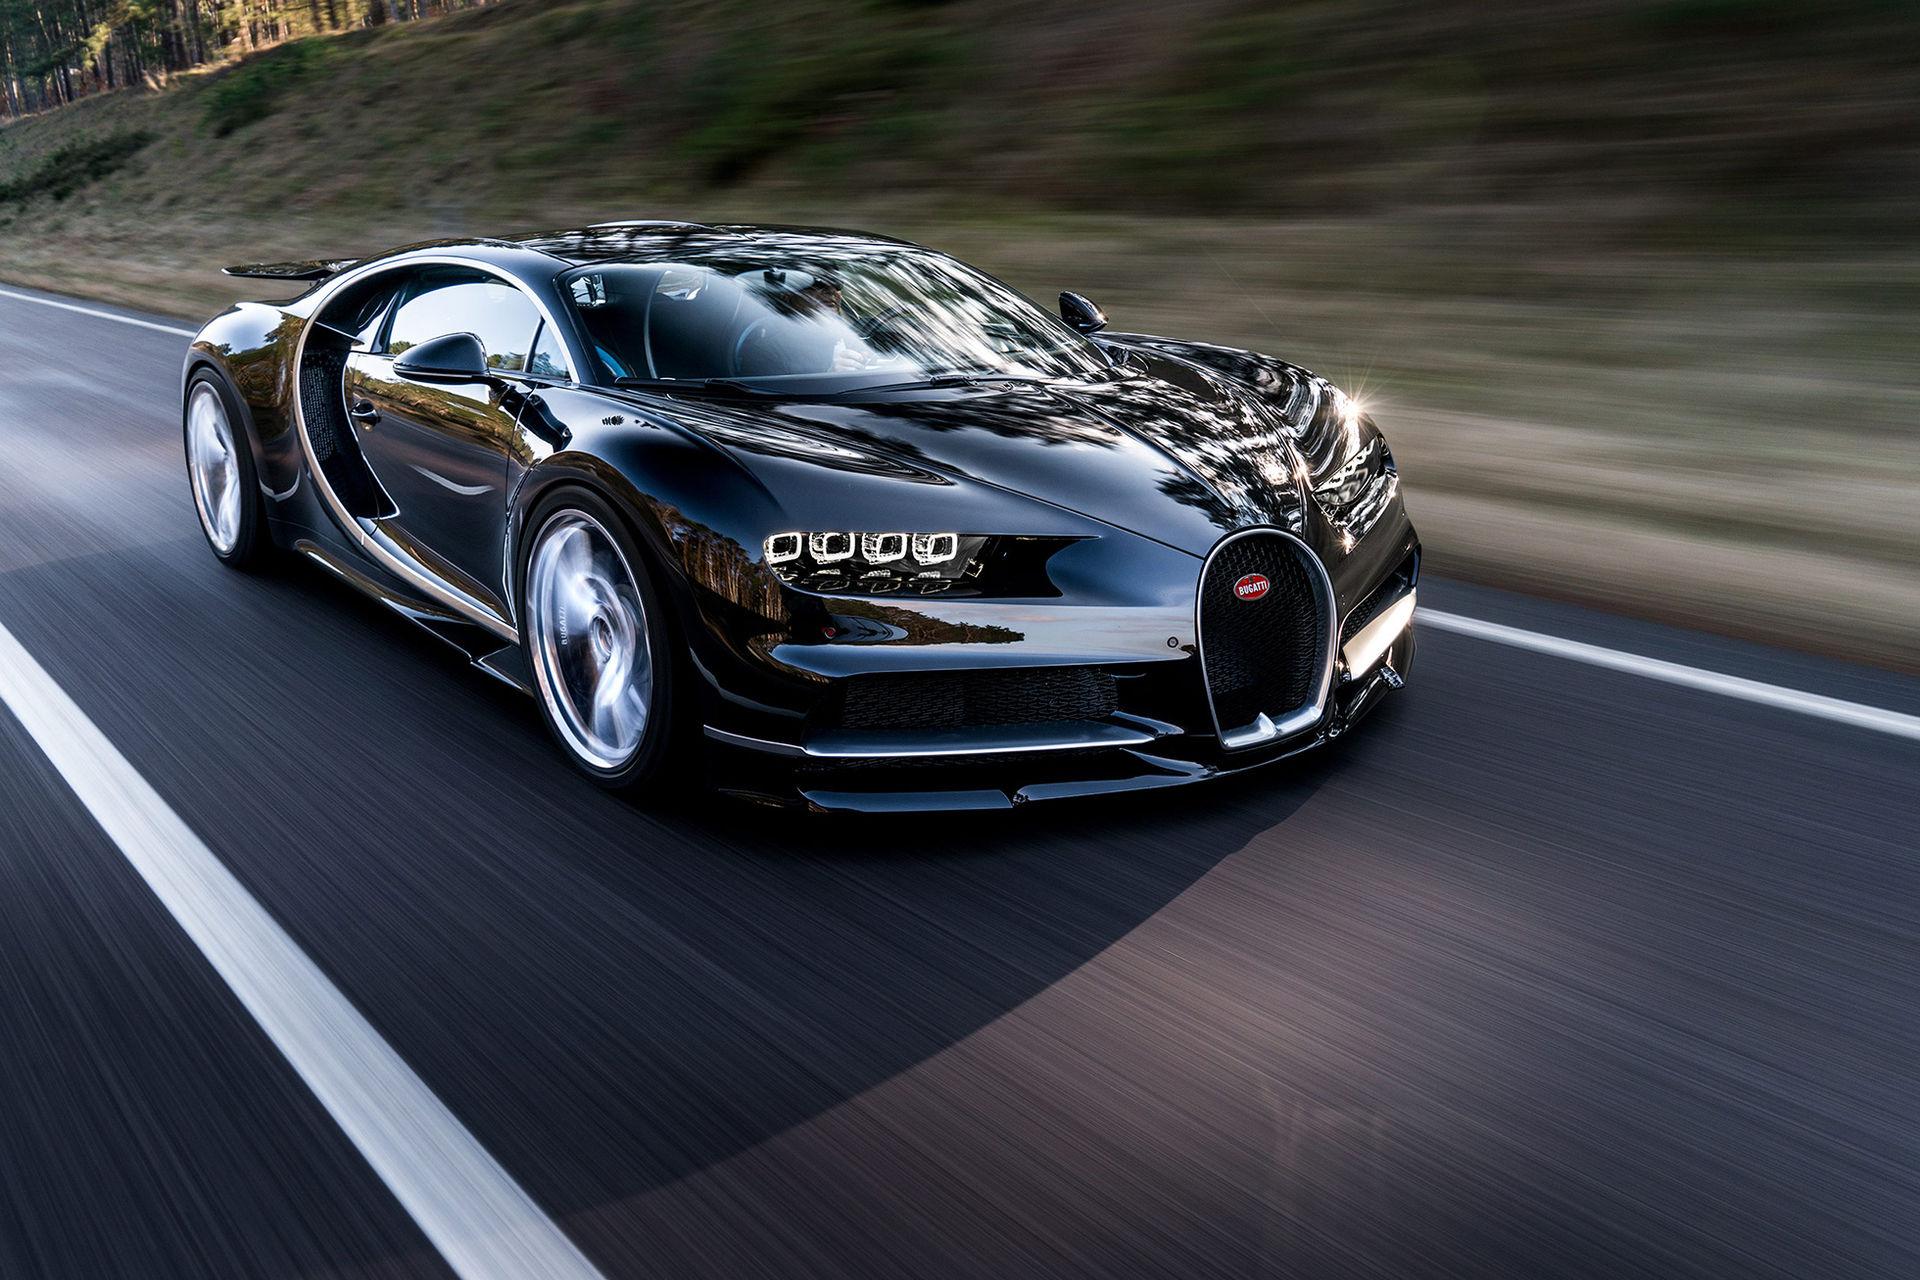 Årets hetaste bil är här - Bugatti Chiron